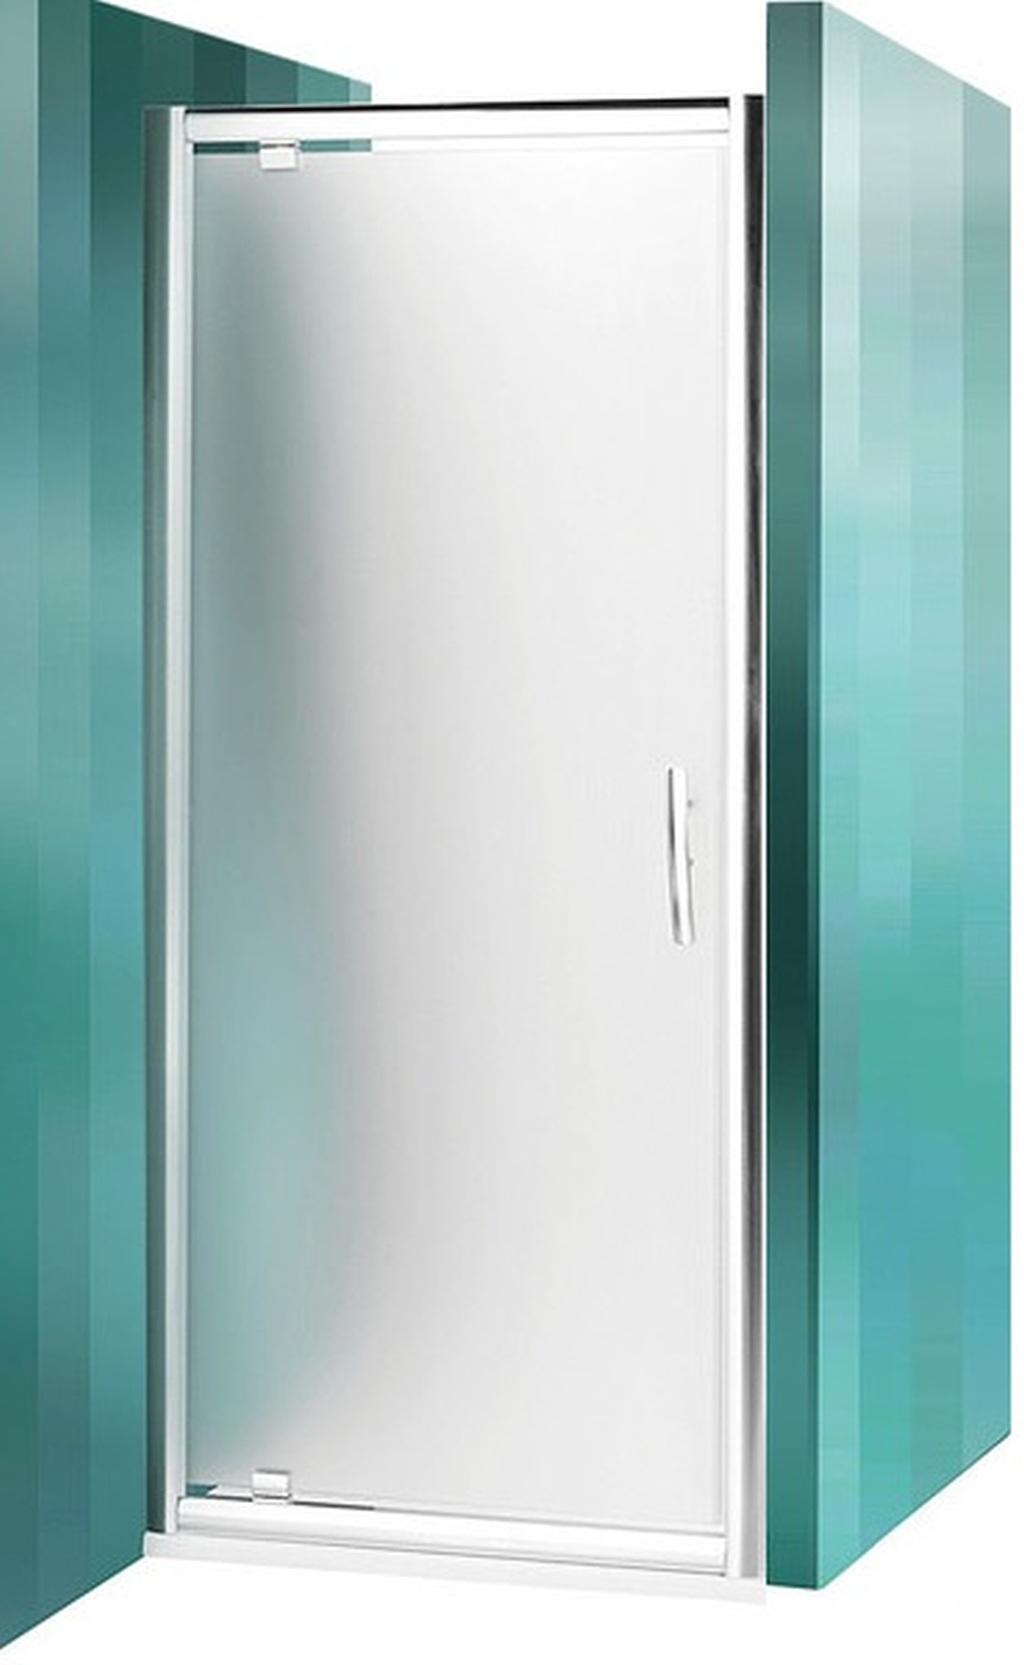 ROLTECHNIK Sprchové dveře jednokřídlé PXDO1N/900 brillant/satinato 525-9000000-00-15